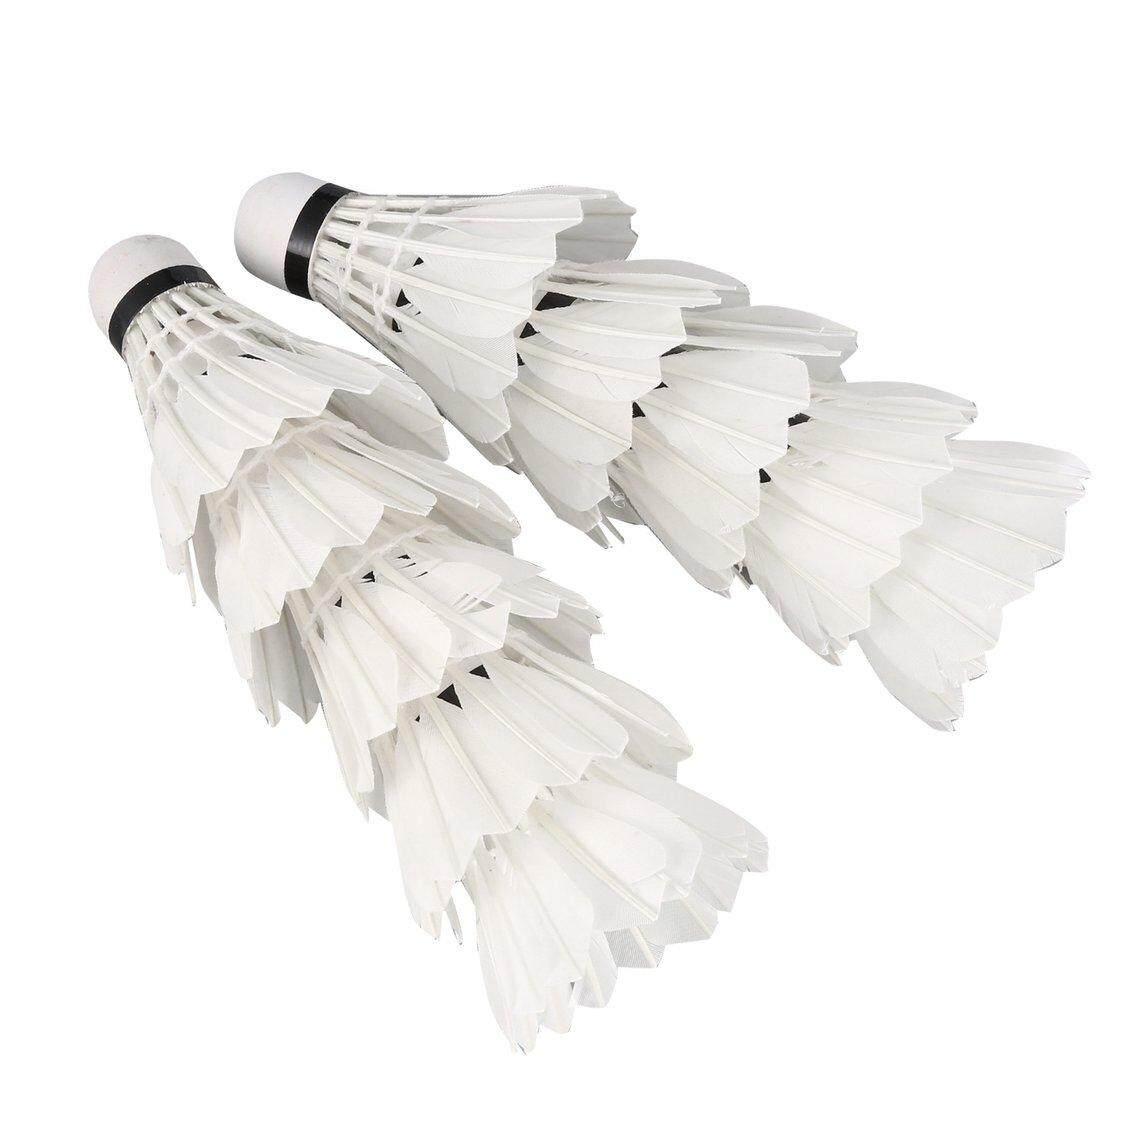 Best Discount 10 Pcs Led Light Badminton Foam Ball Head Goose Feather Seven-Color Gradient